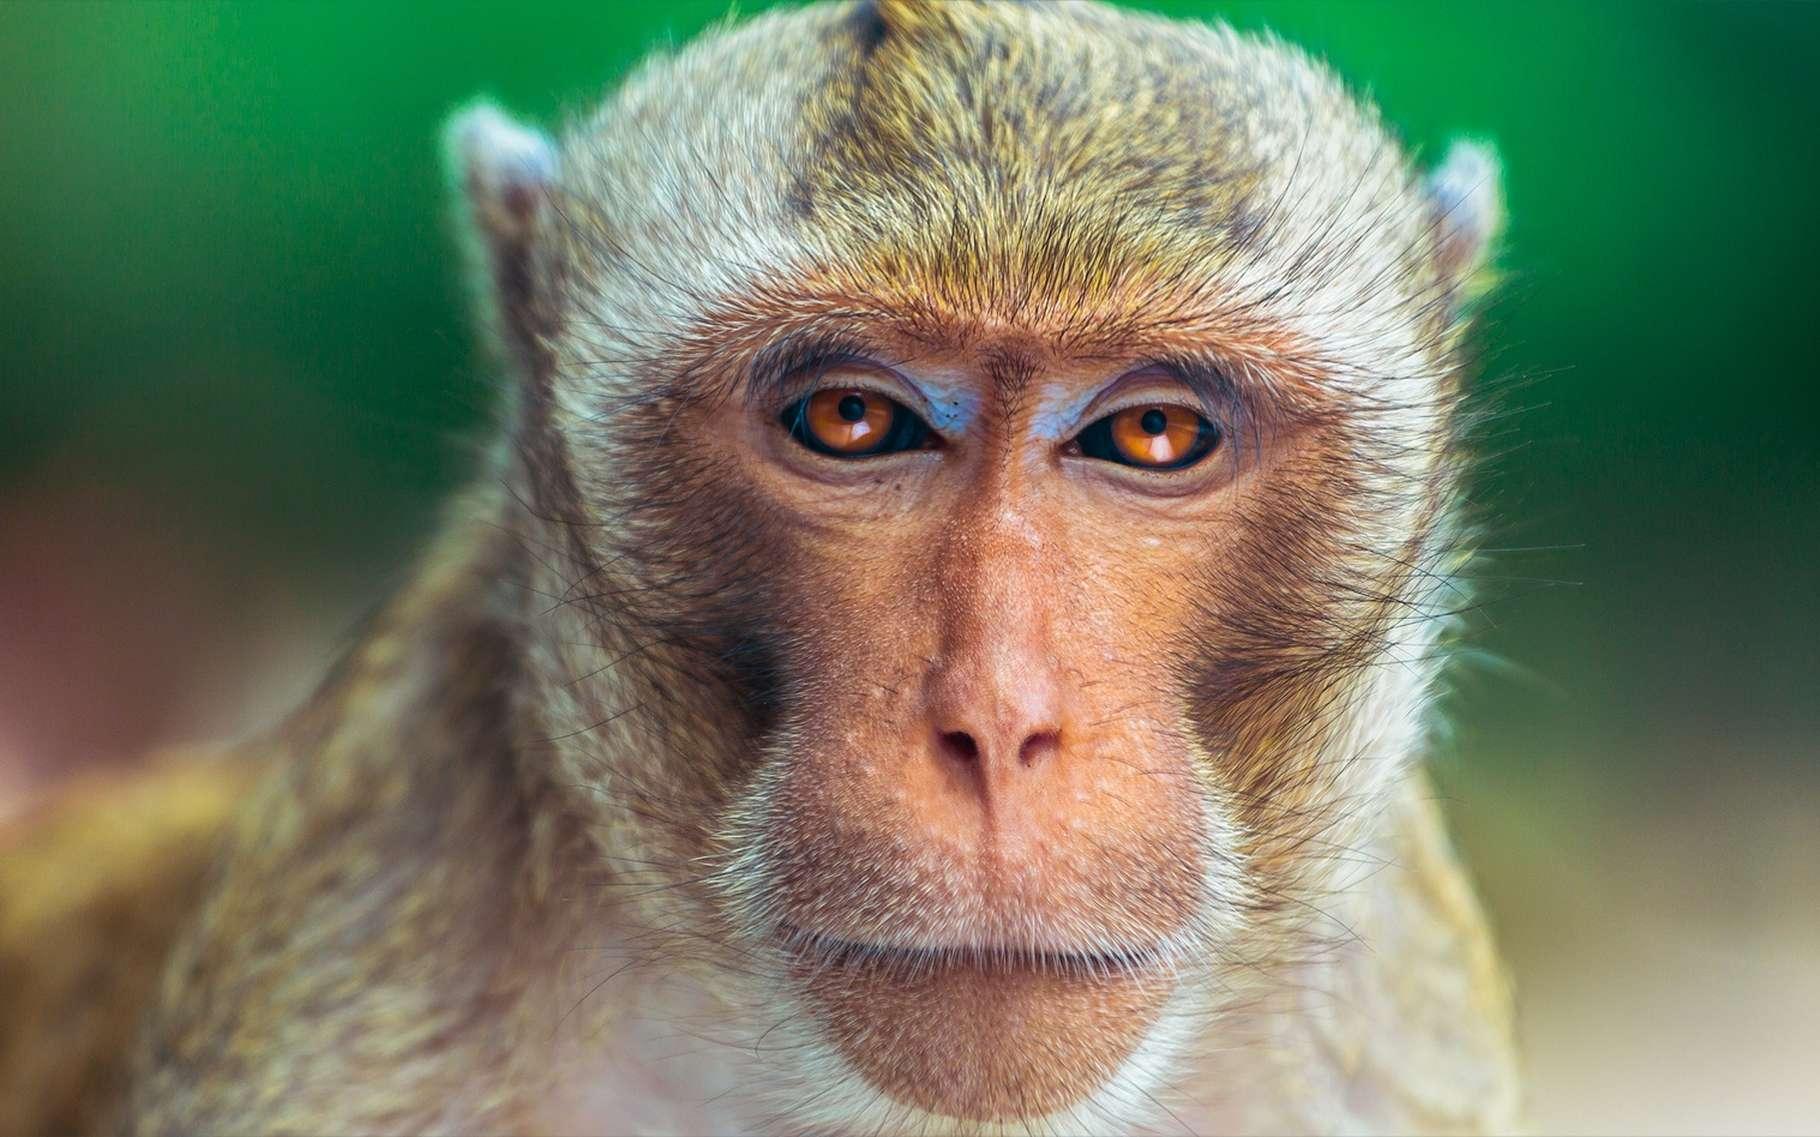 L'appareil vocal des macaques leur permettrait des vocalisations complexes, semblables à celles du langage articulé humain. C'est donc leur cerveau qui ne sait pas s'en servir. © Poul Riishede, Shutterstock